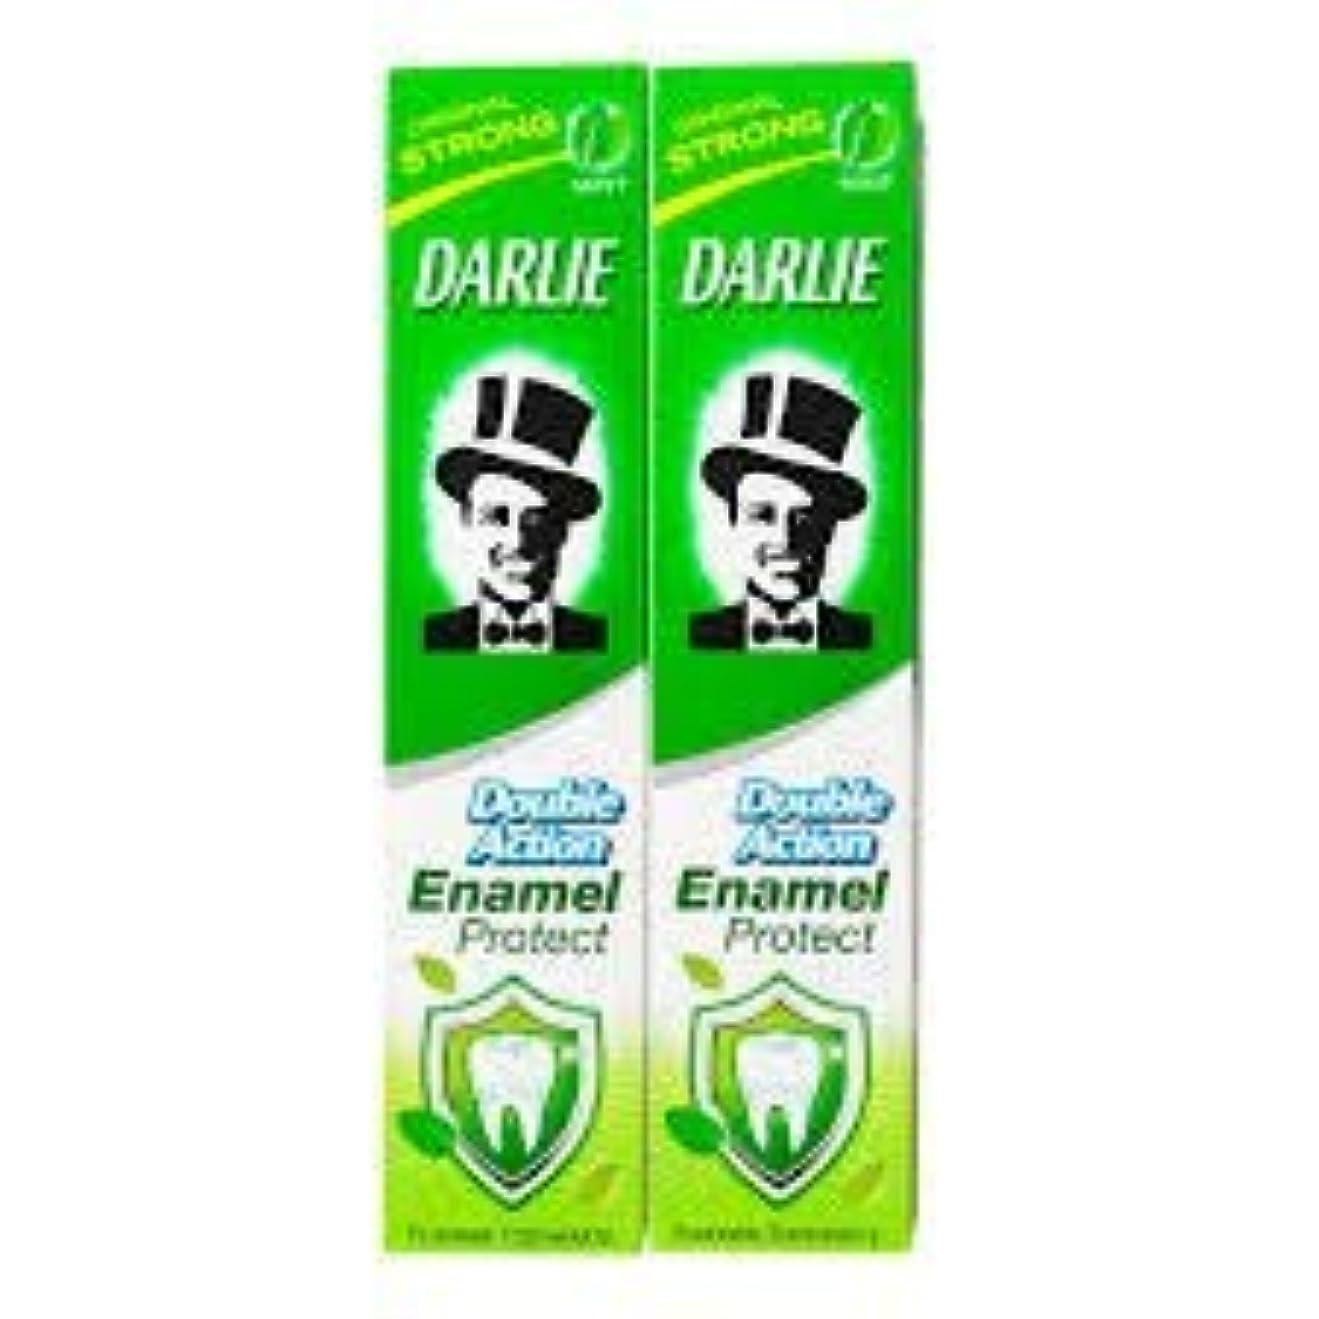 一過性提供するスナックDARLIE 歯磨き粉歯磨き粉二重の役割、保護エナメル強いミント2×220ケ - あなたの歯を強化し、防御の最前線